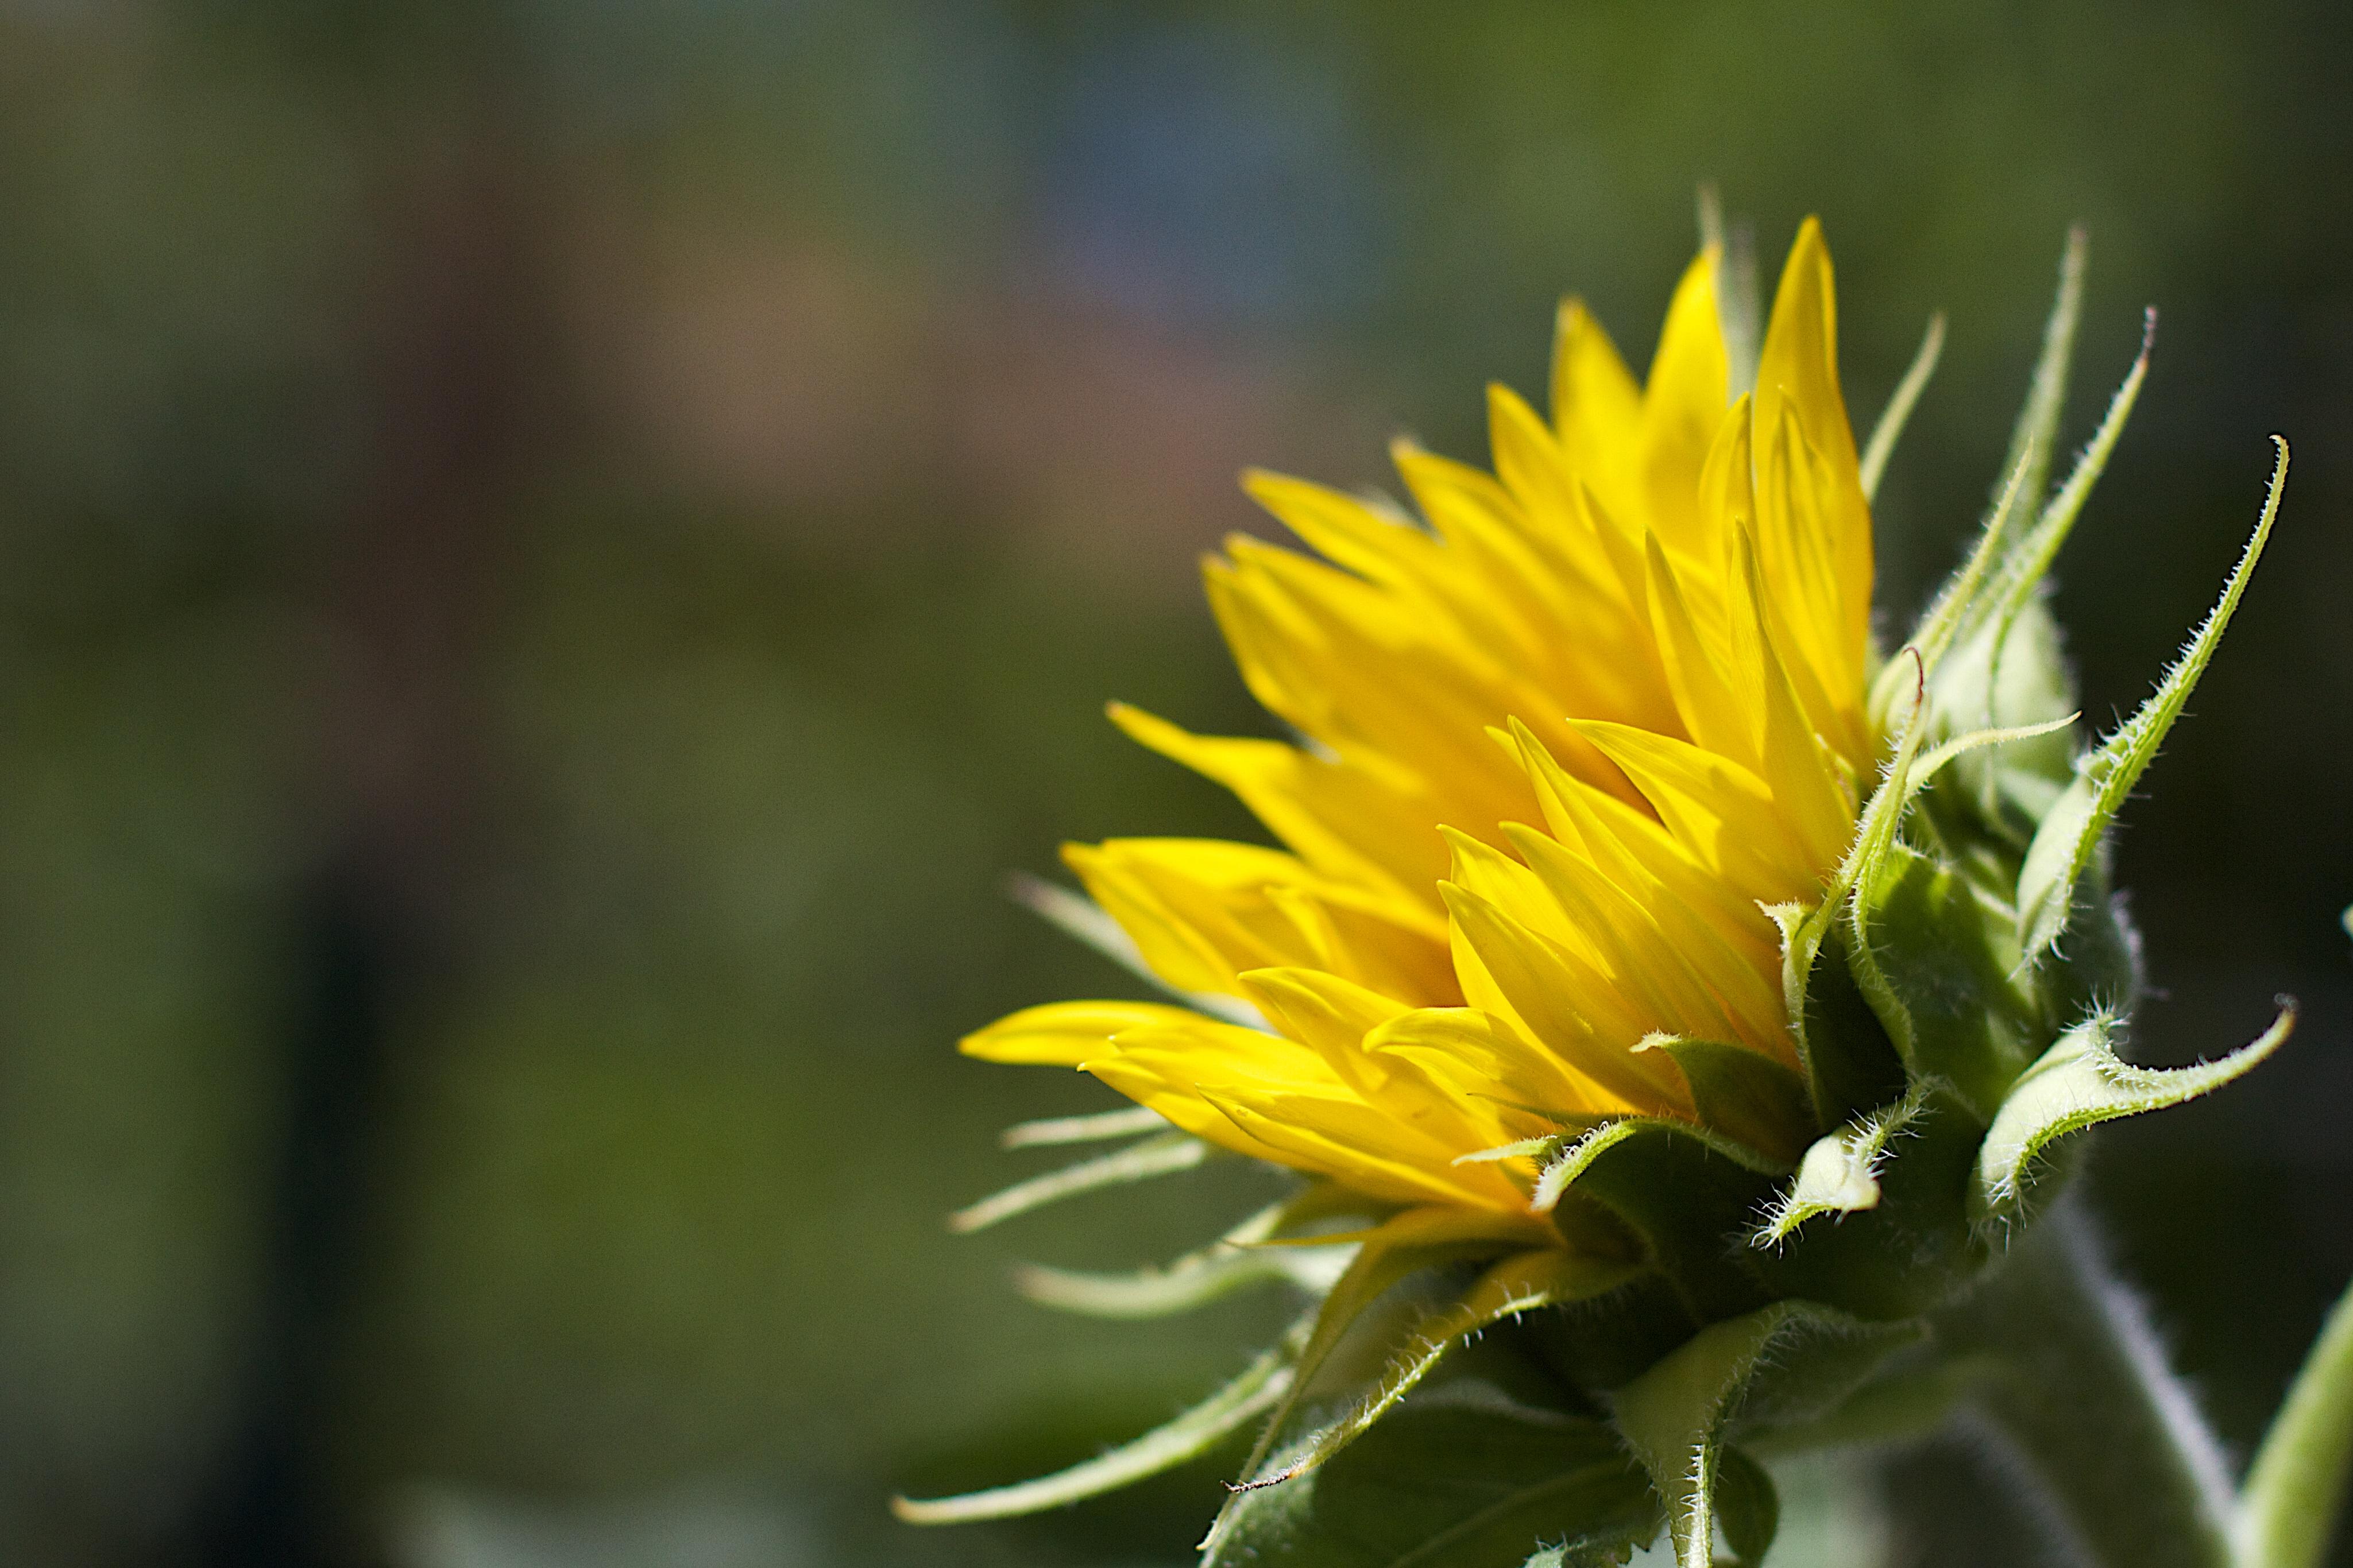 Hình ảnh Thiên Nhiên Thực Vật Bồ Công Anh Cánh Hoa Màu